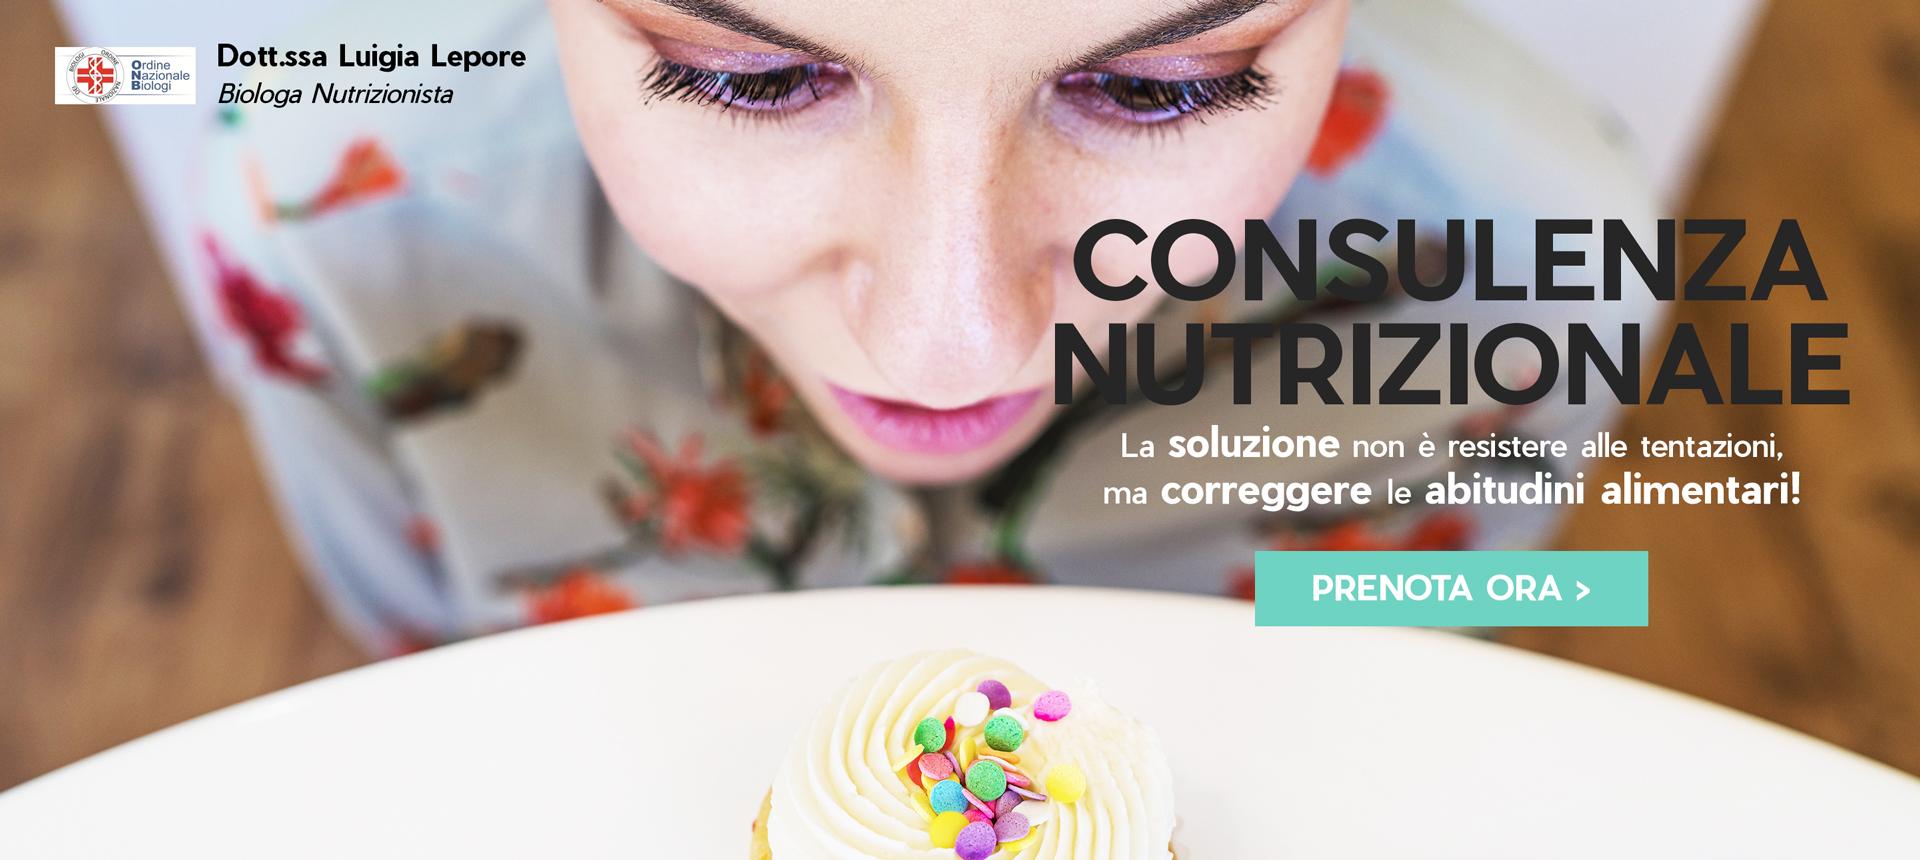 Consulenza_Nutrizionale-Sanaline